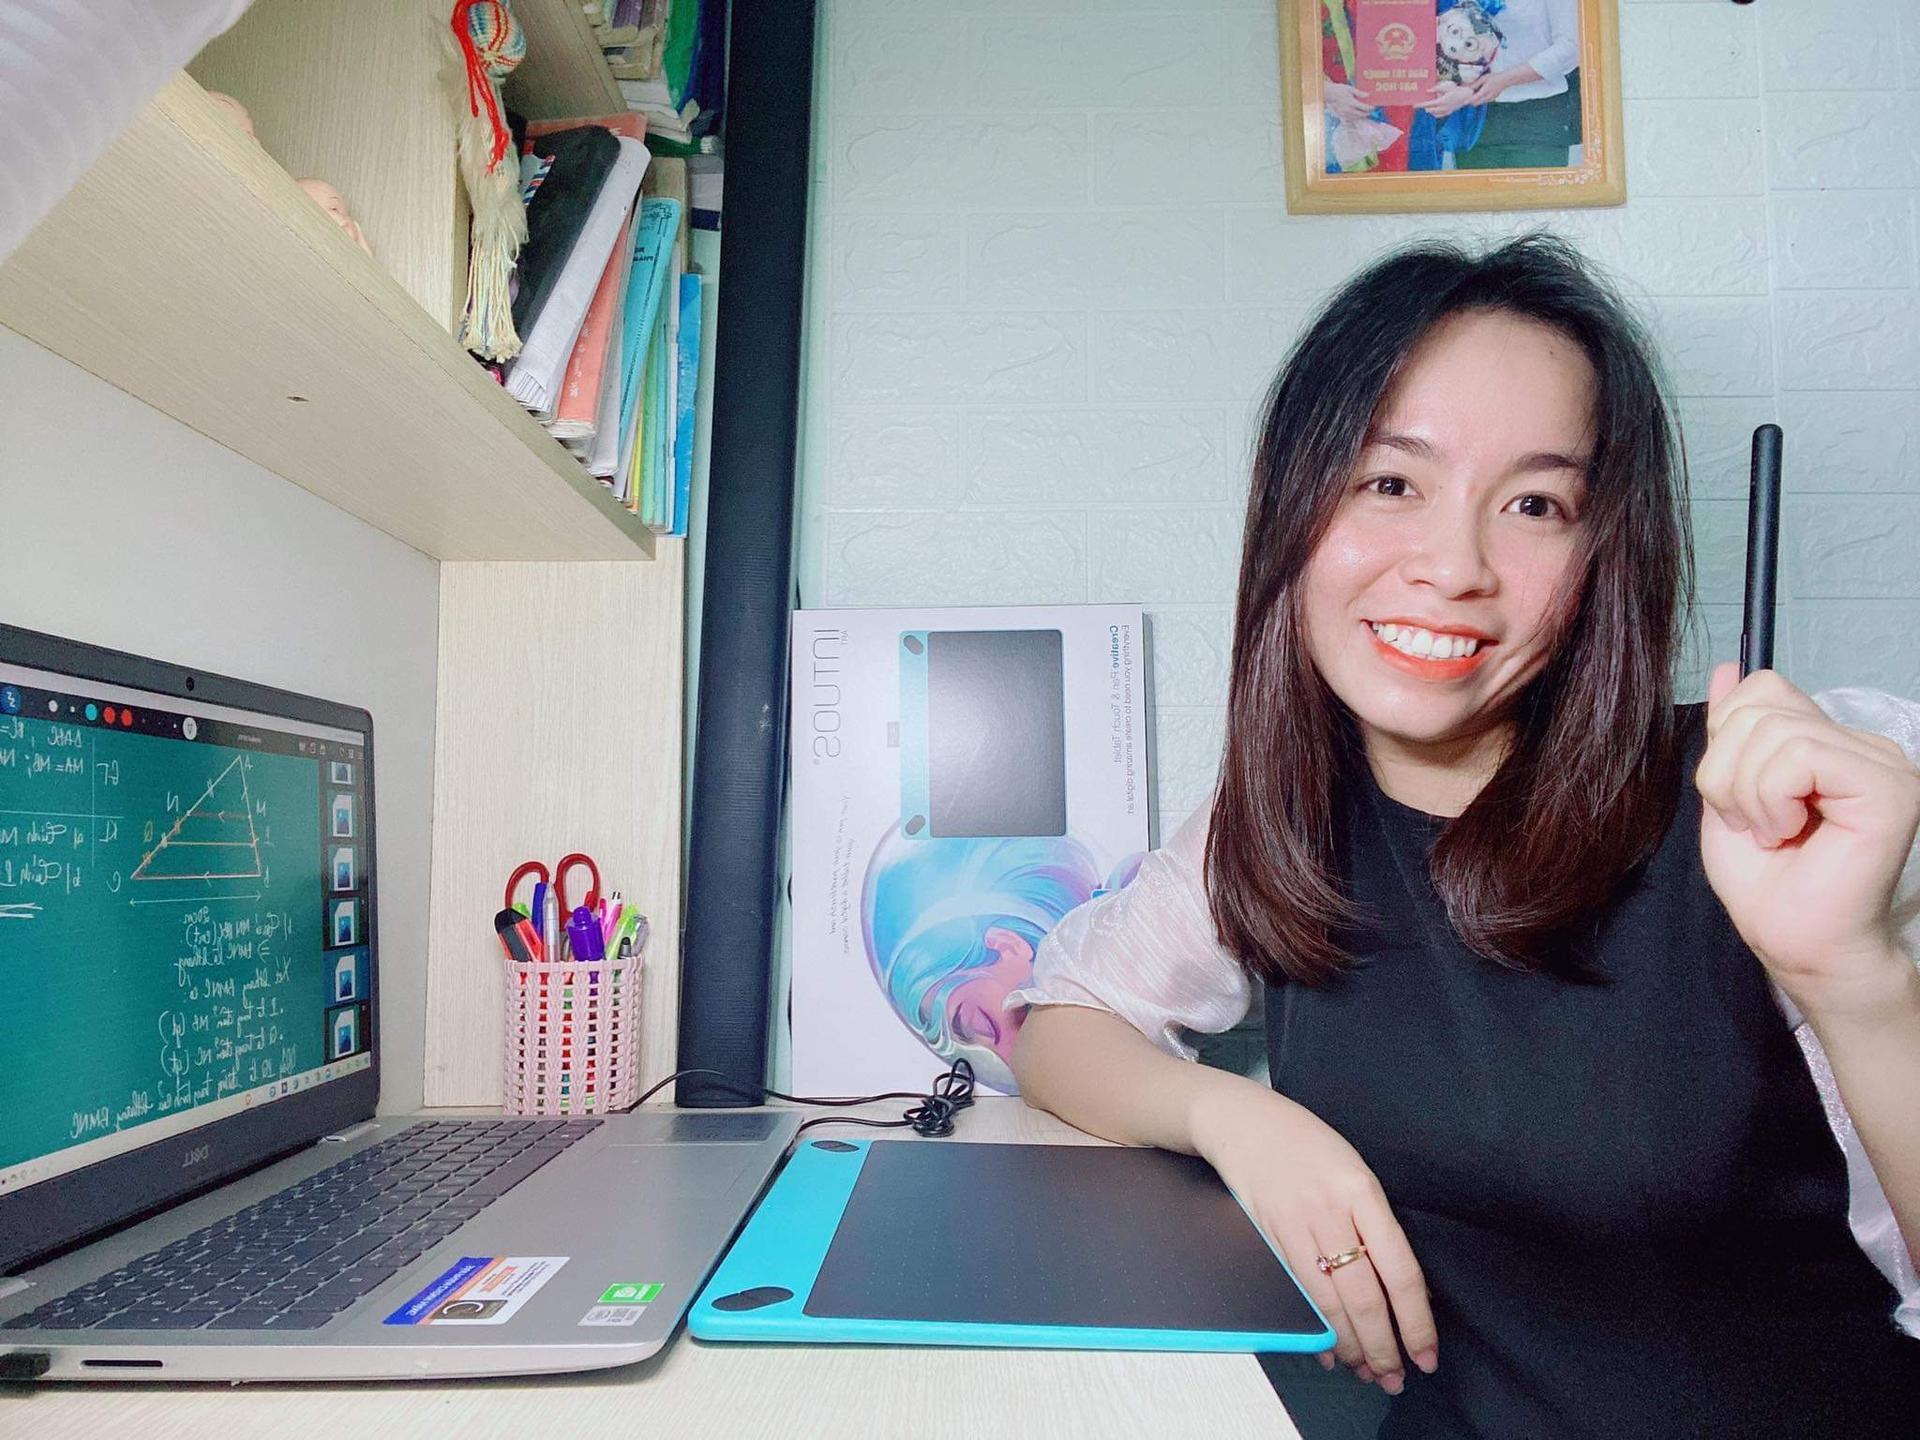 Wacom – Lựa chọn thiết thực của giáo viên trong giảng dạy trực tuyến